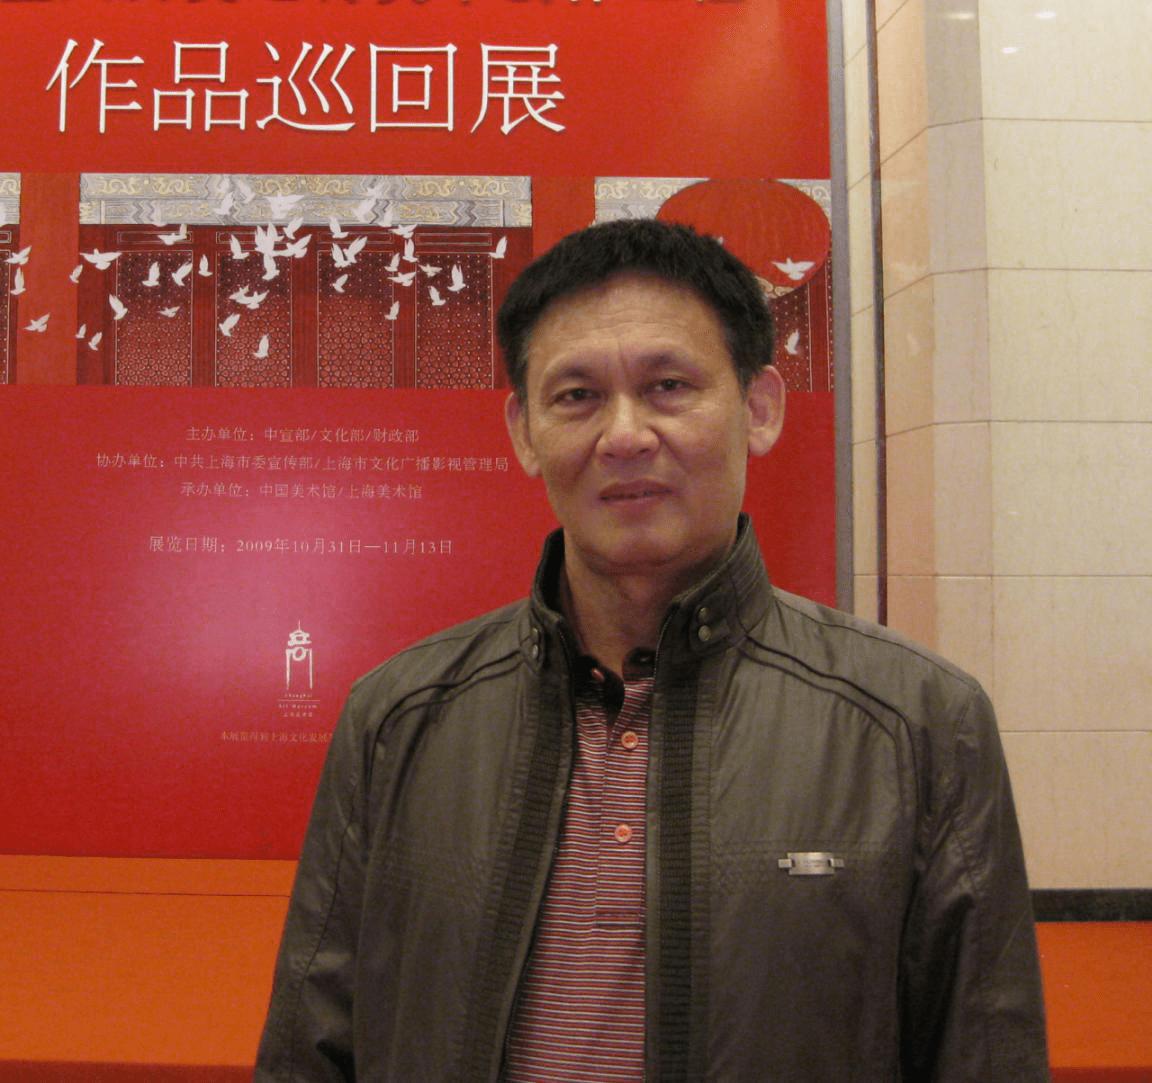 罗天水——2021年中国艺坛榜样人物新春拜年专题报道